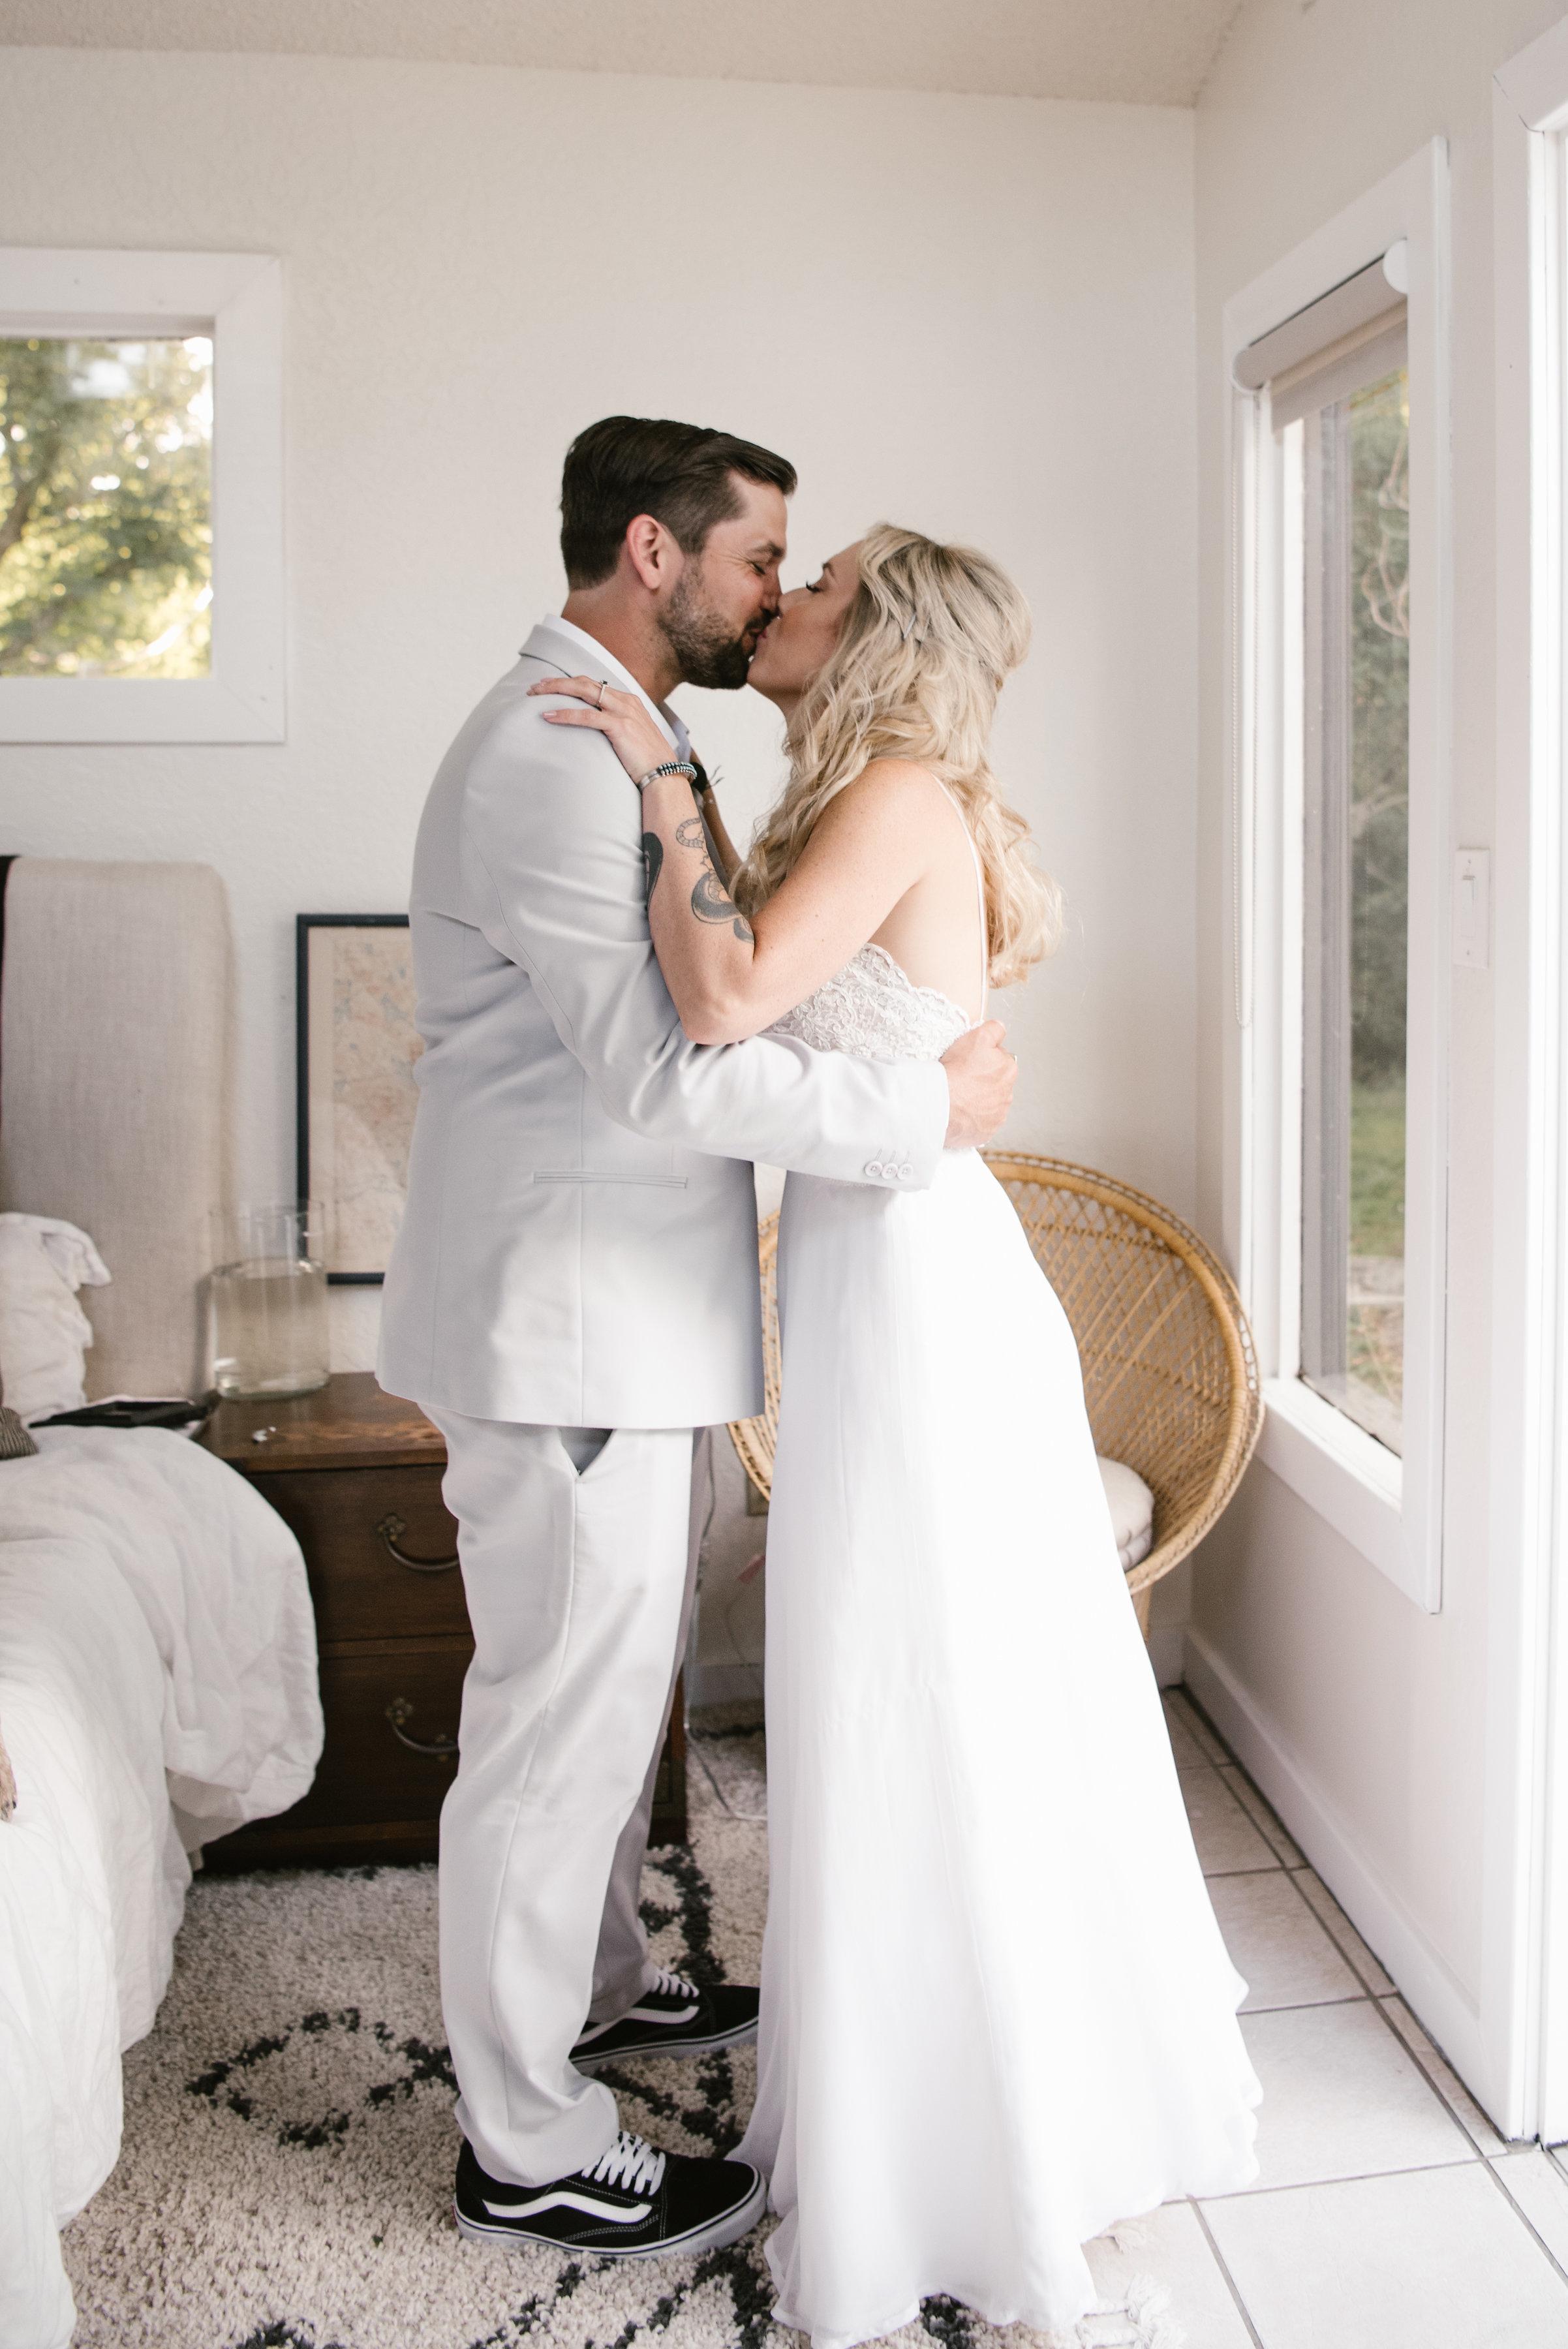 michelle-ronnie-backyard-wedding-341.jpg